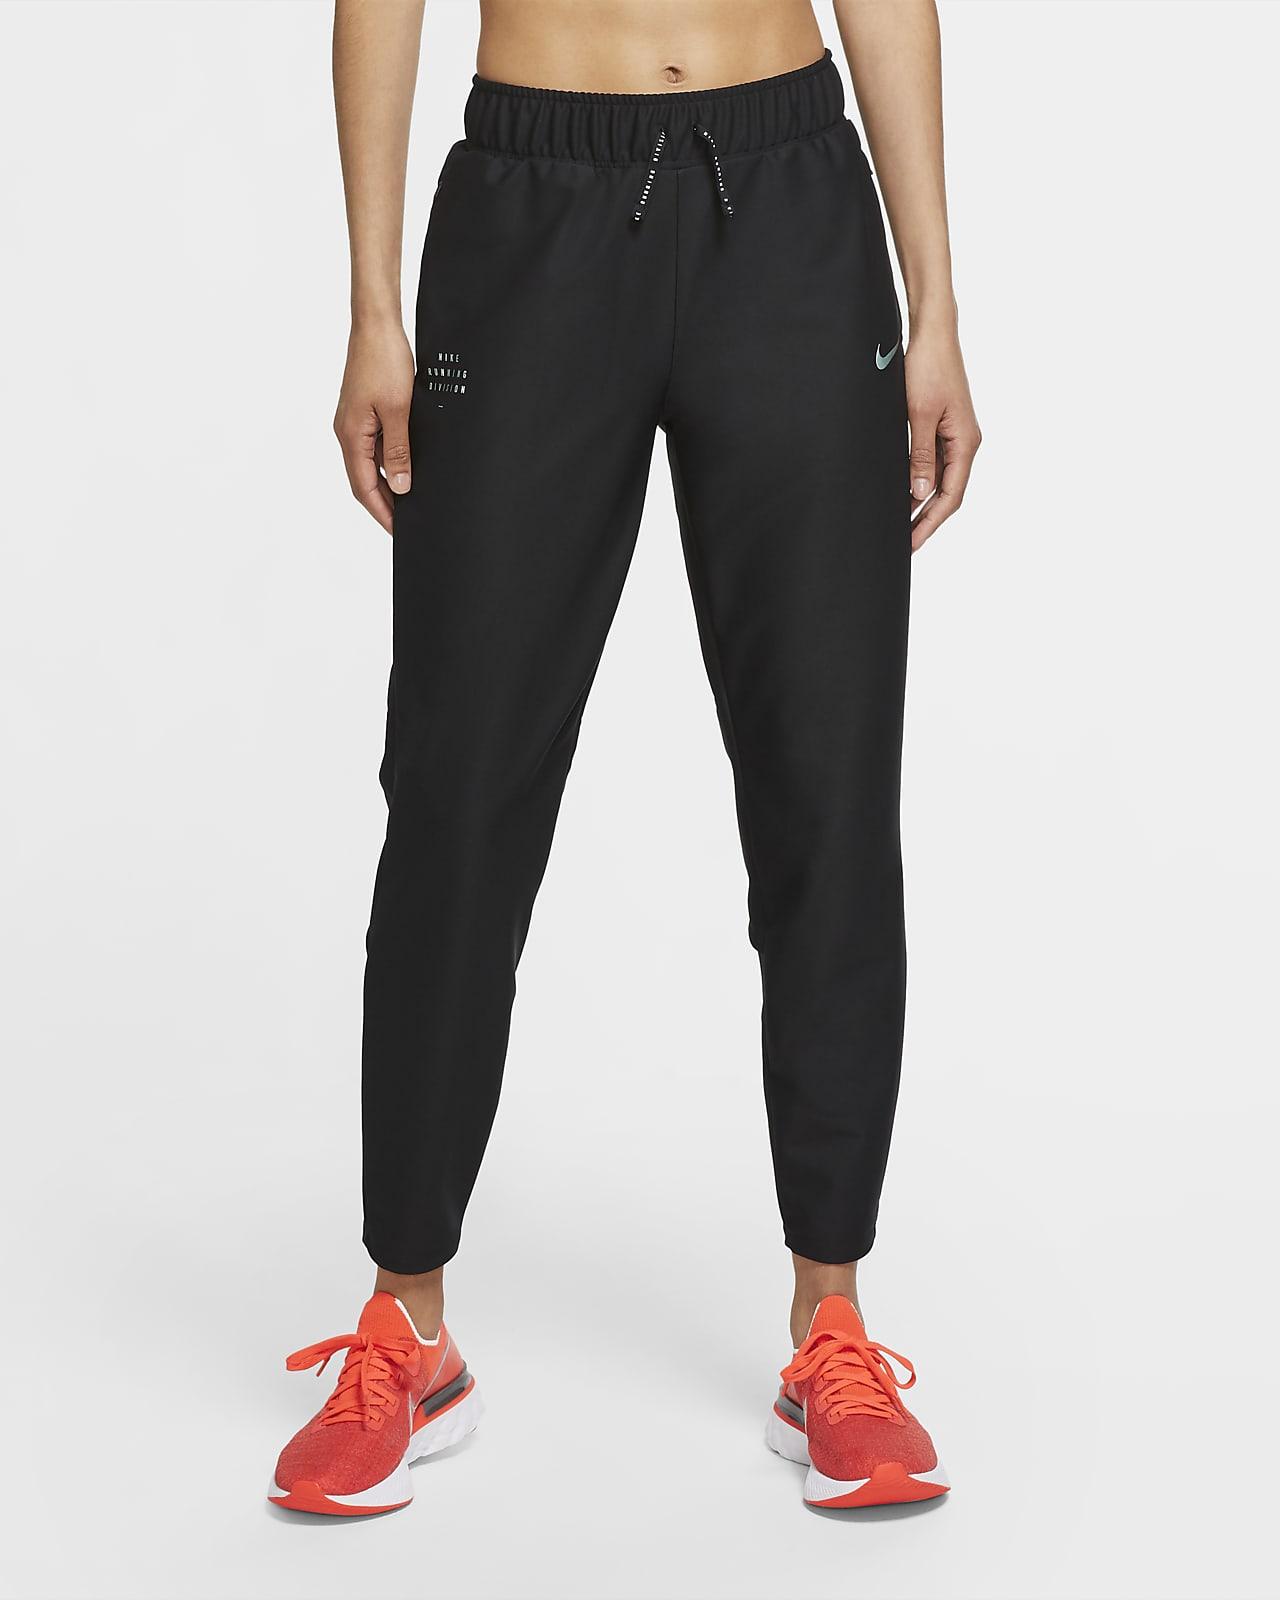 Nike Shield Run Division Hardloopbroek voor dames